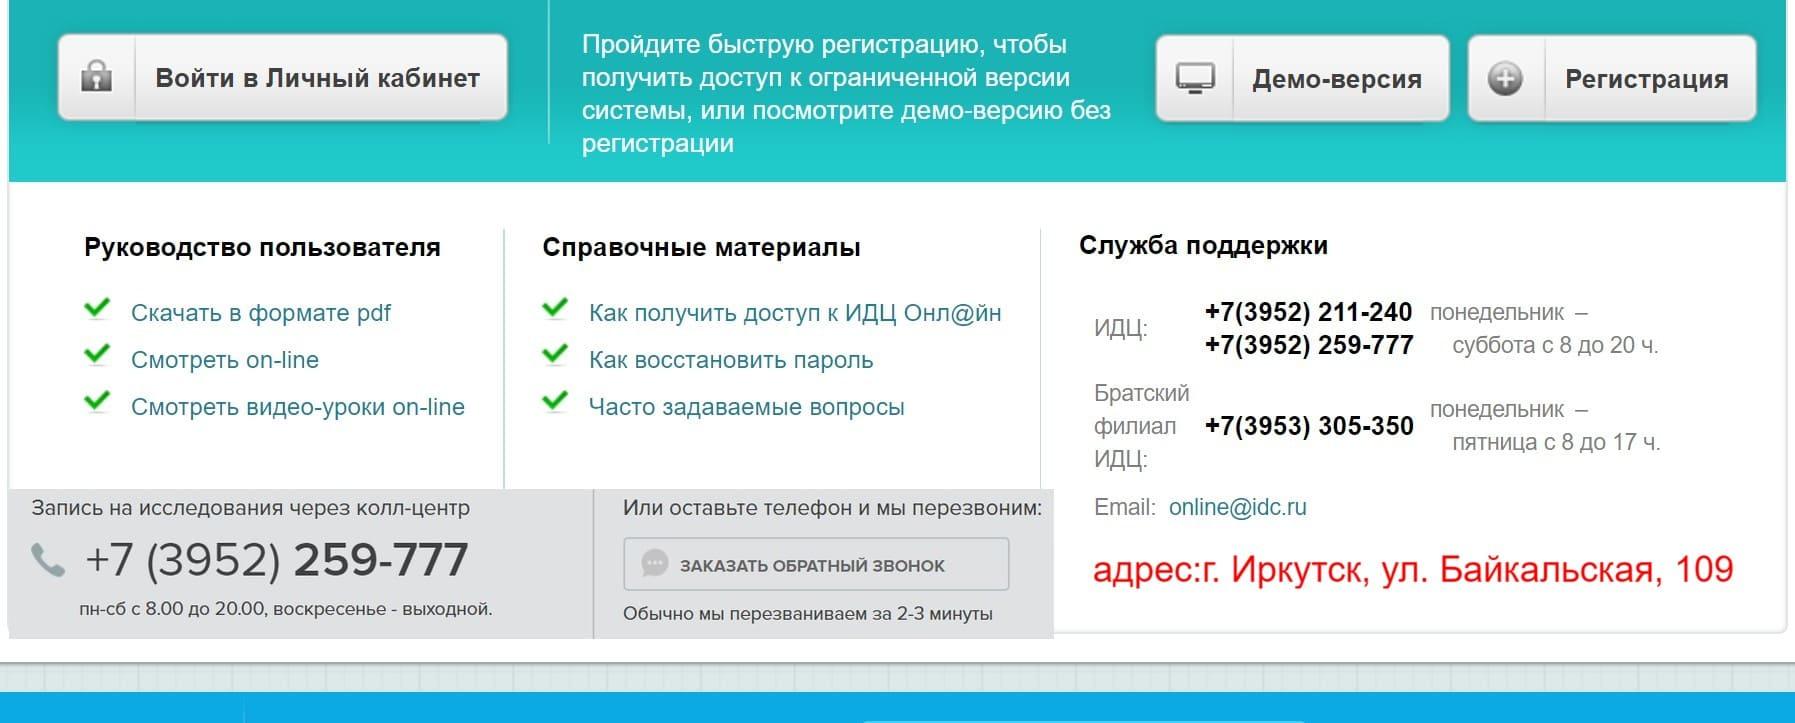 Диагностический центр Иркутск личный кабинет